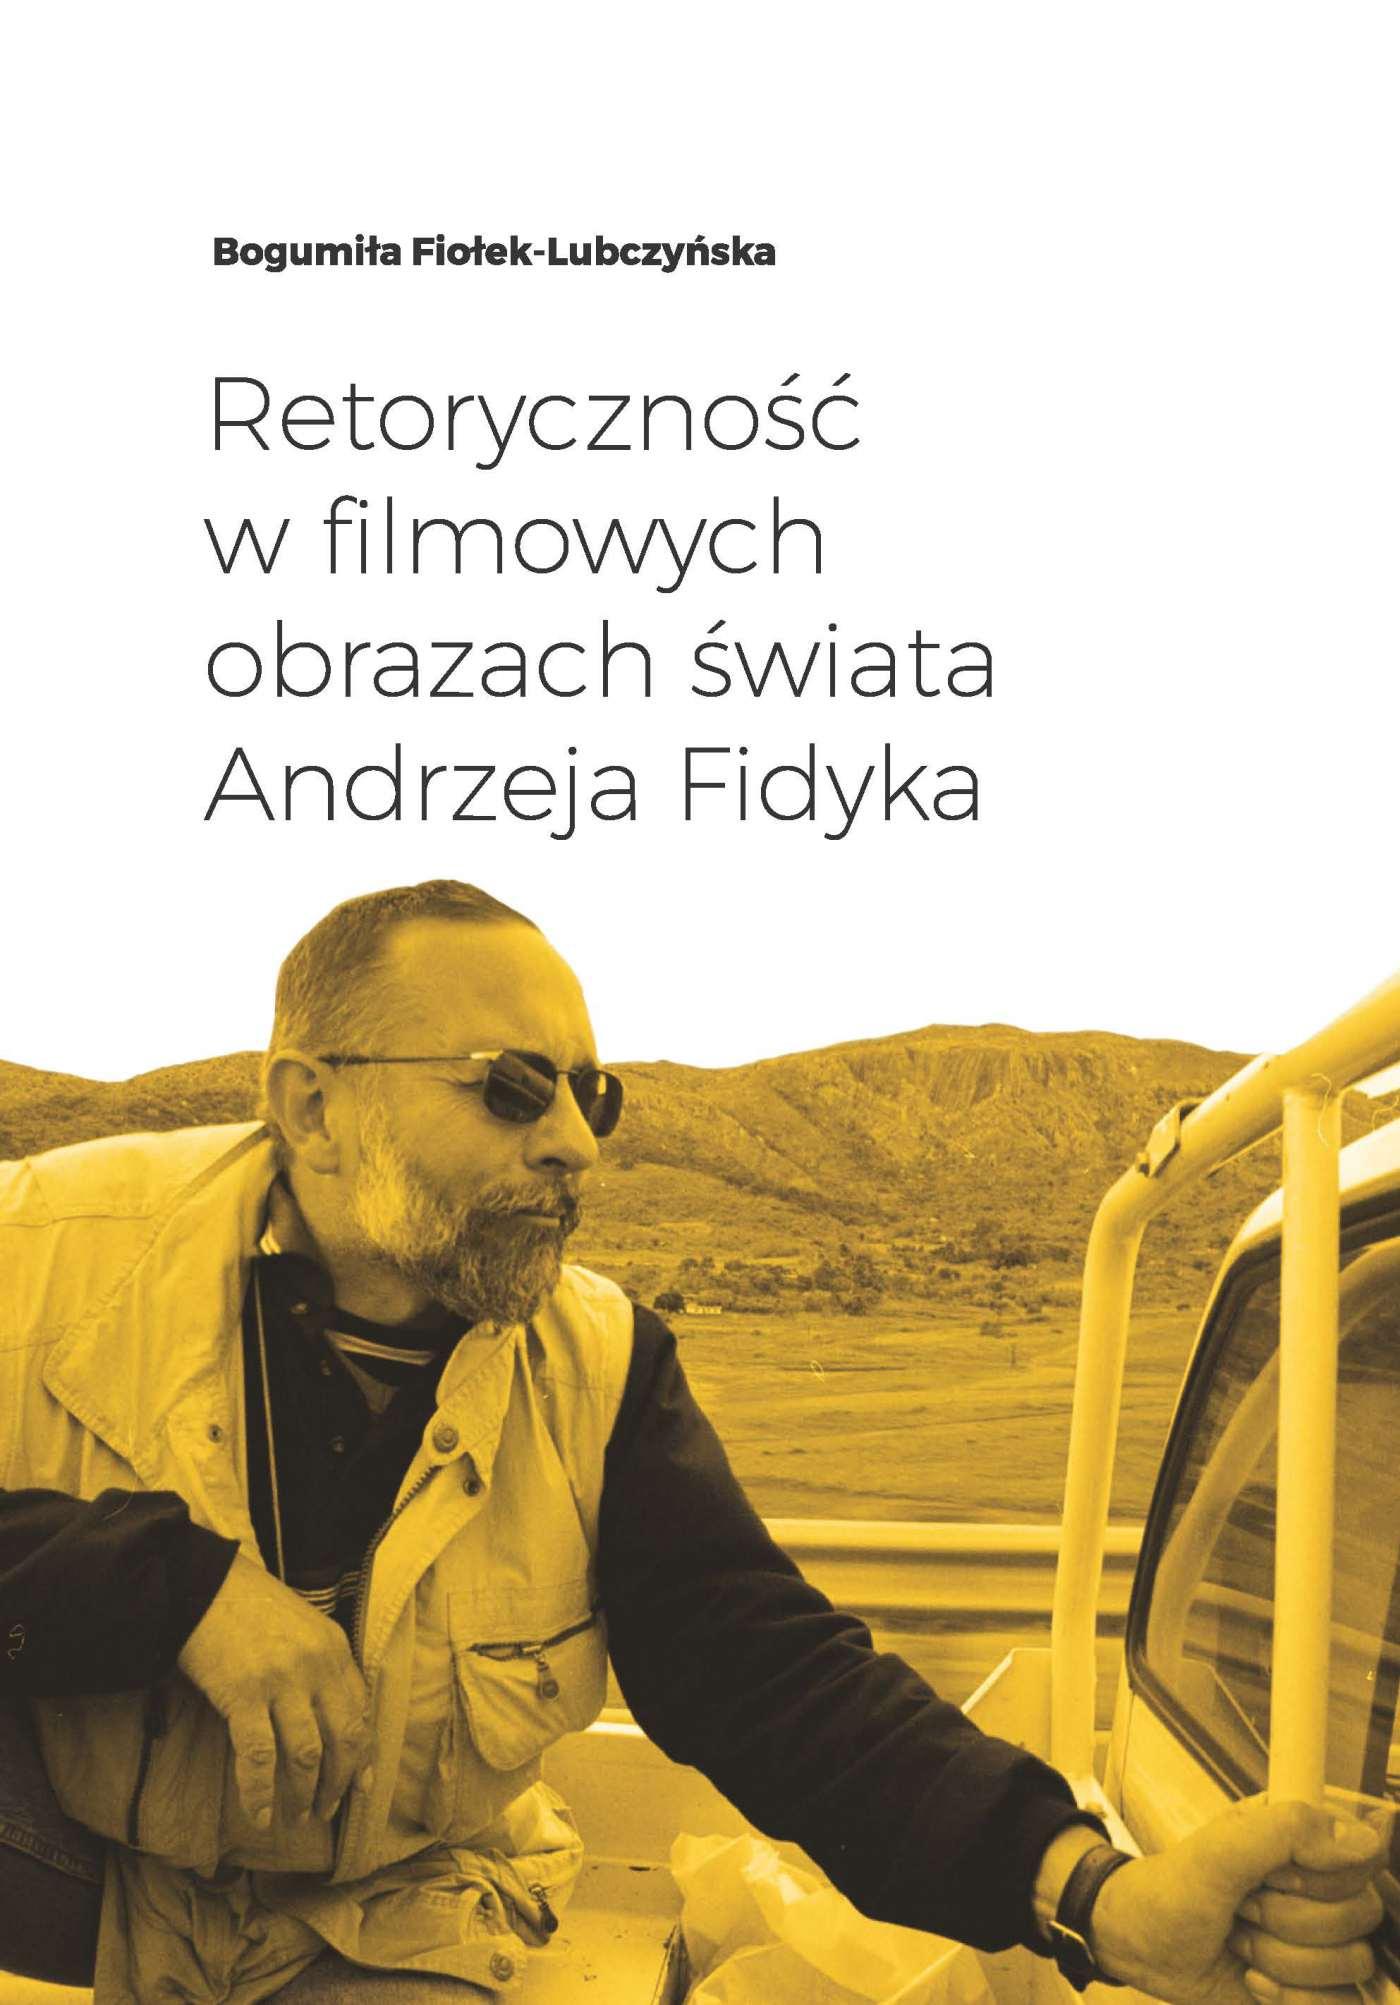 Retoryczność w filmowych obrazach świata Andrzeja Fidyka - Ebook (Książka PDF) do pobrania w formacie PDF